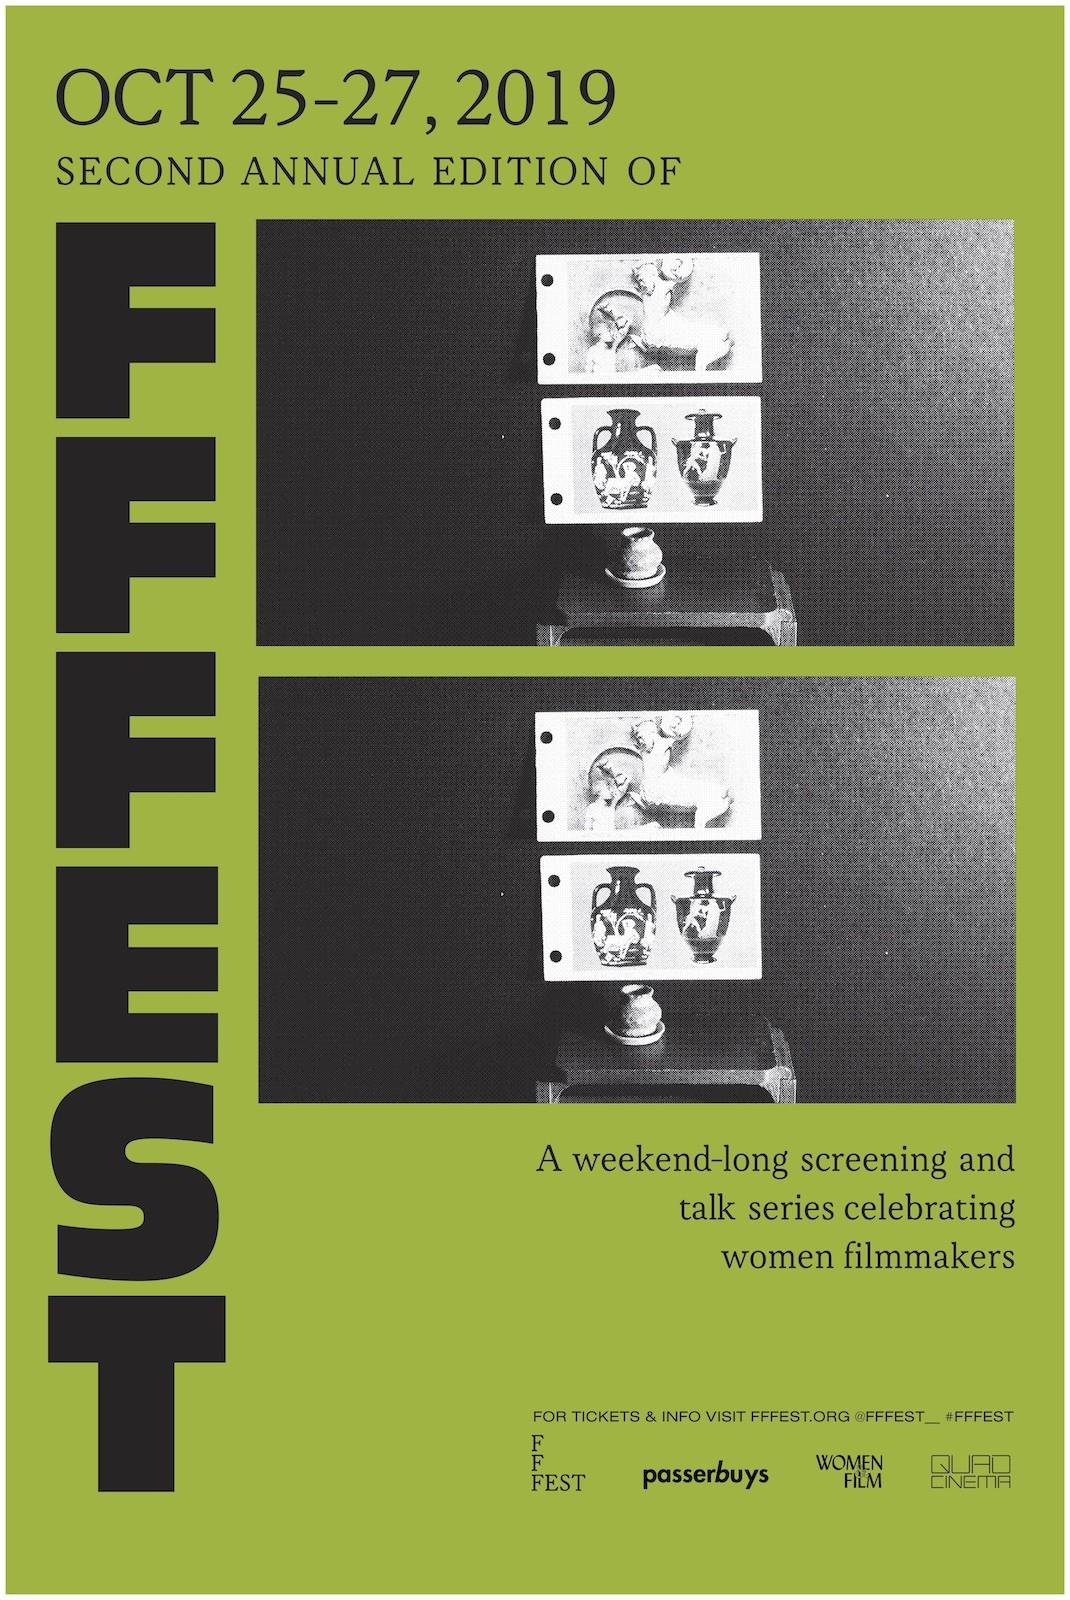 FFFEST-x-POP-Poster-Drafts-22082019-dragged-2